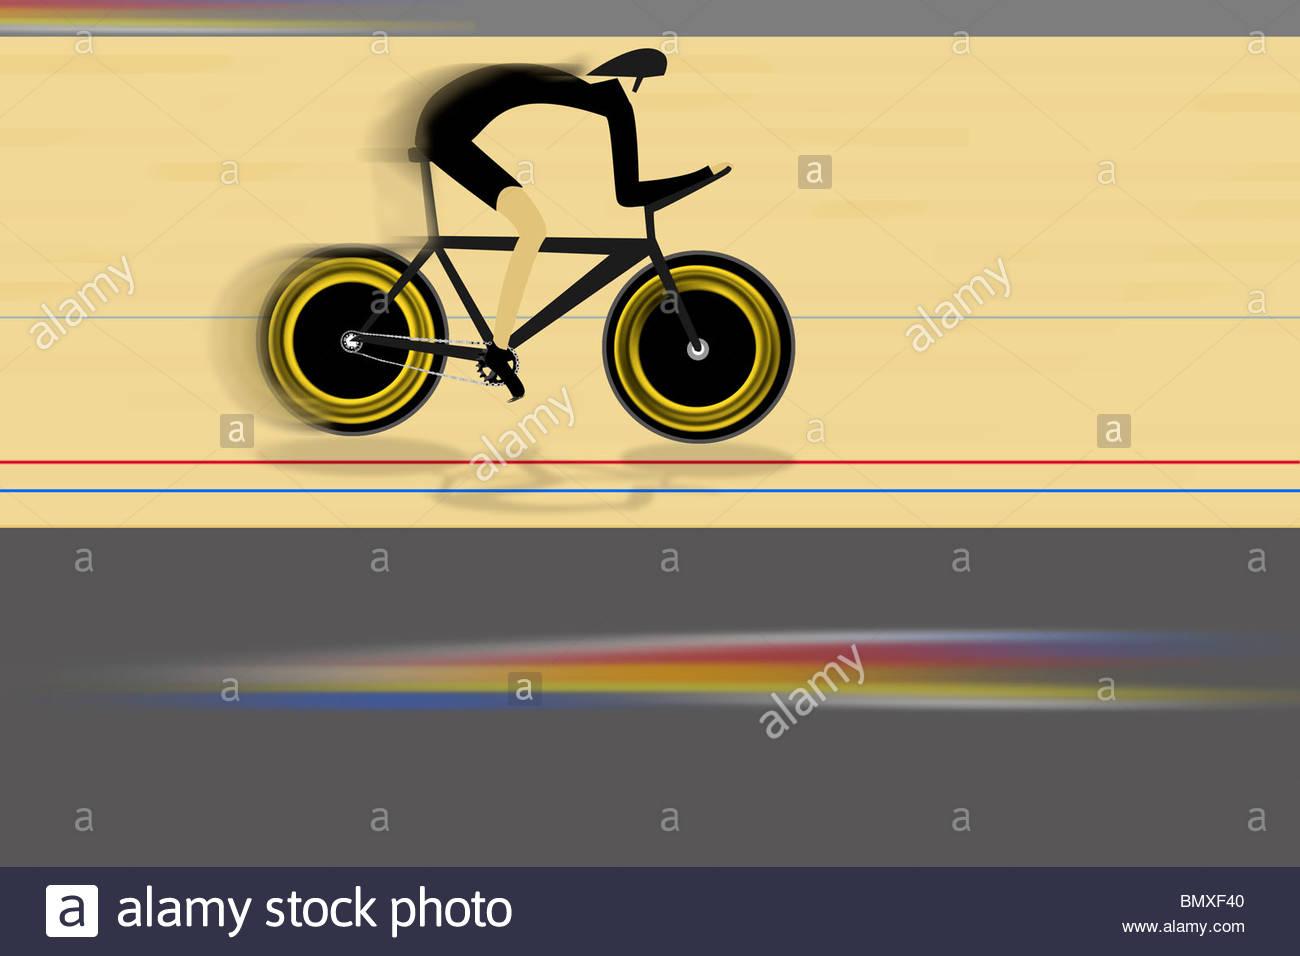 Ilustración del ciclista Imagen De Stock